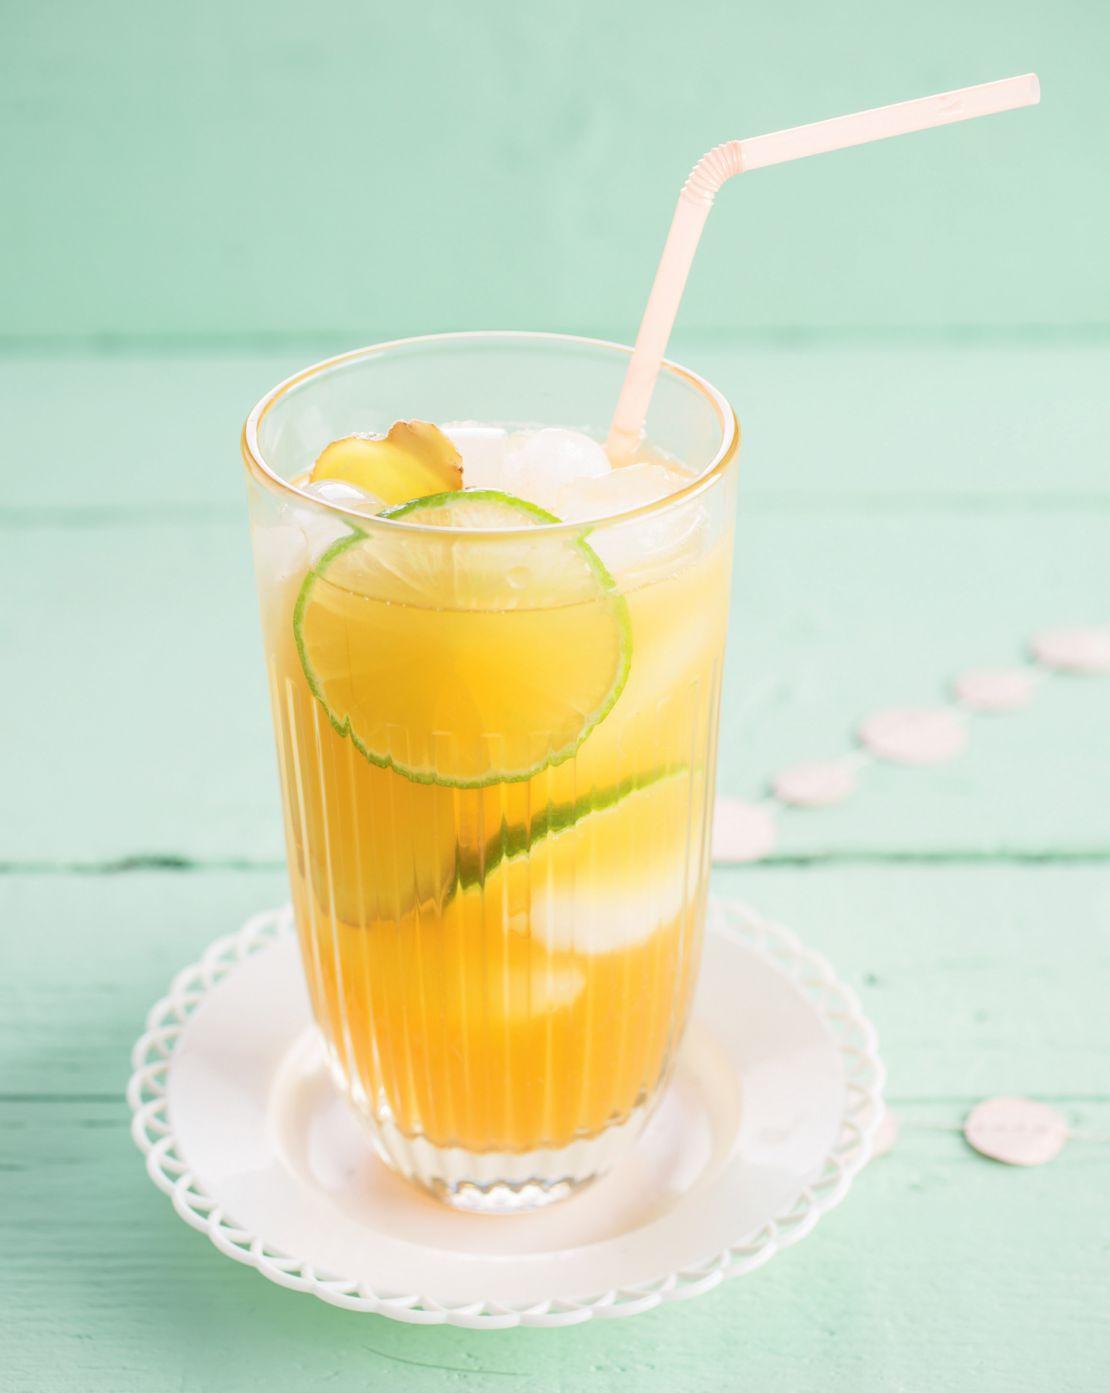 iced-tea-home-door-sofie-dumont